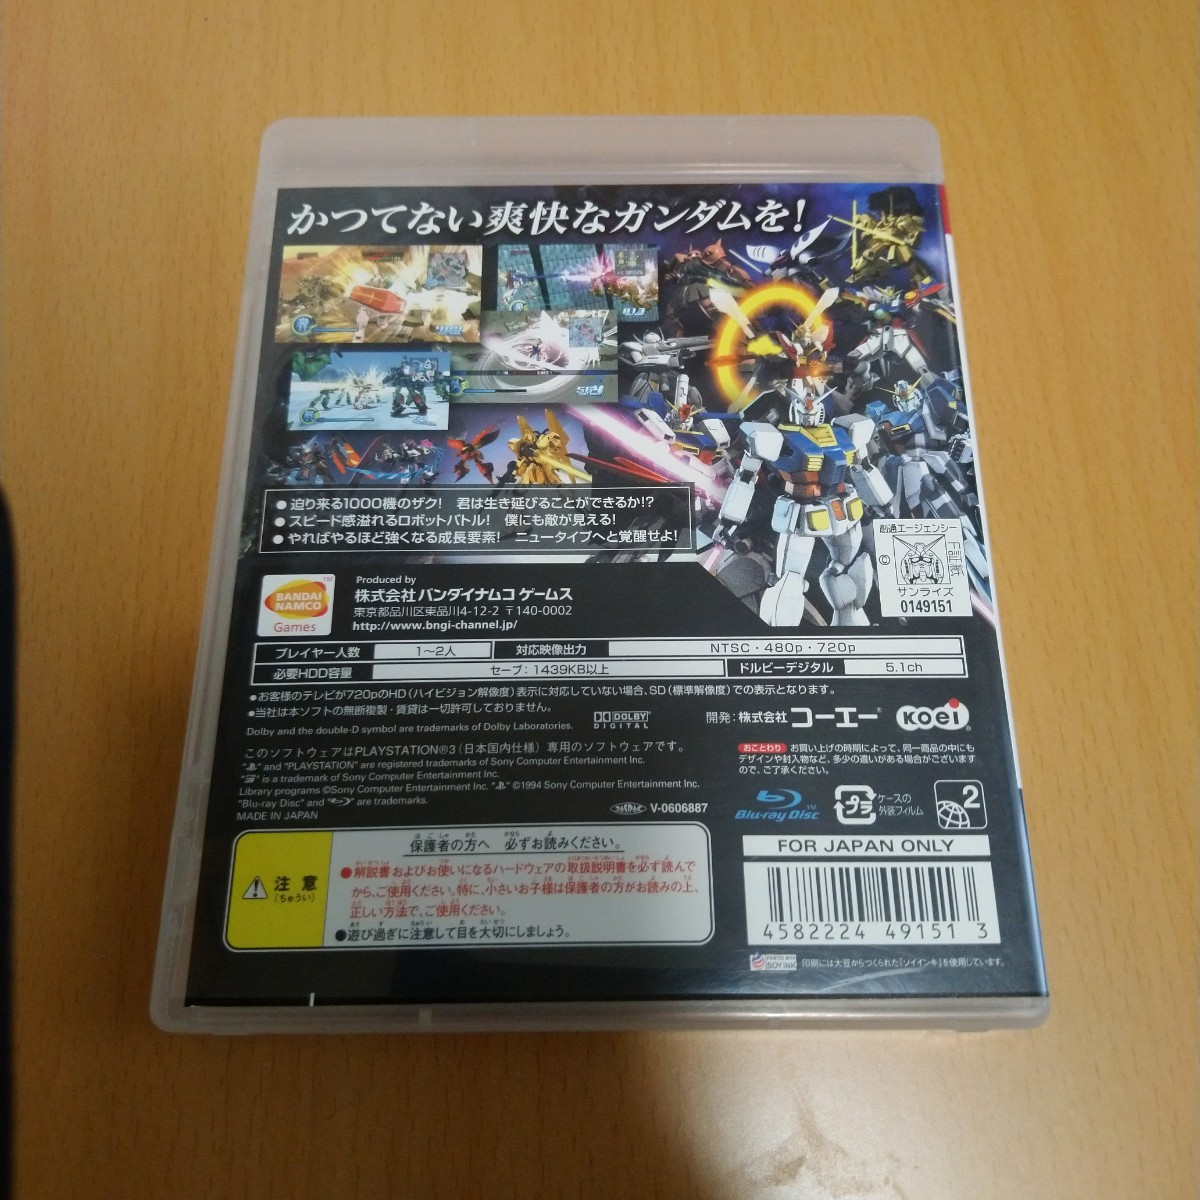 ガンダム無双 PS3 ソフト